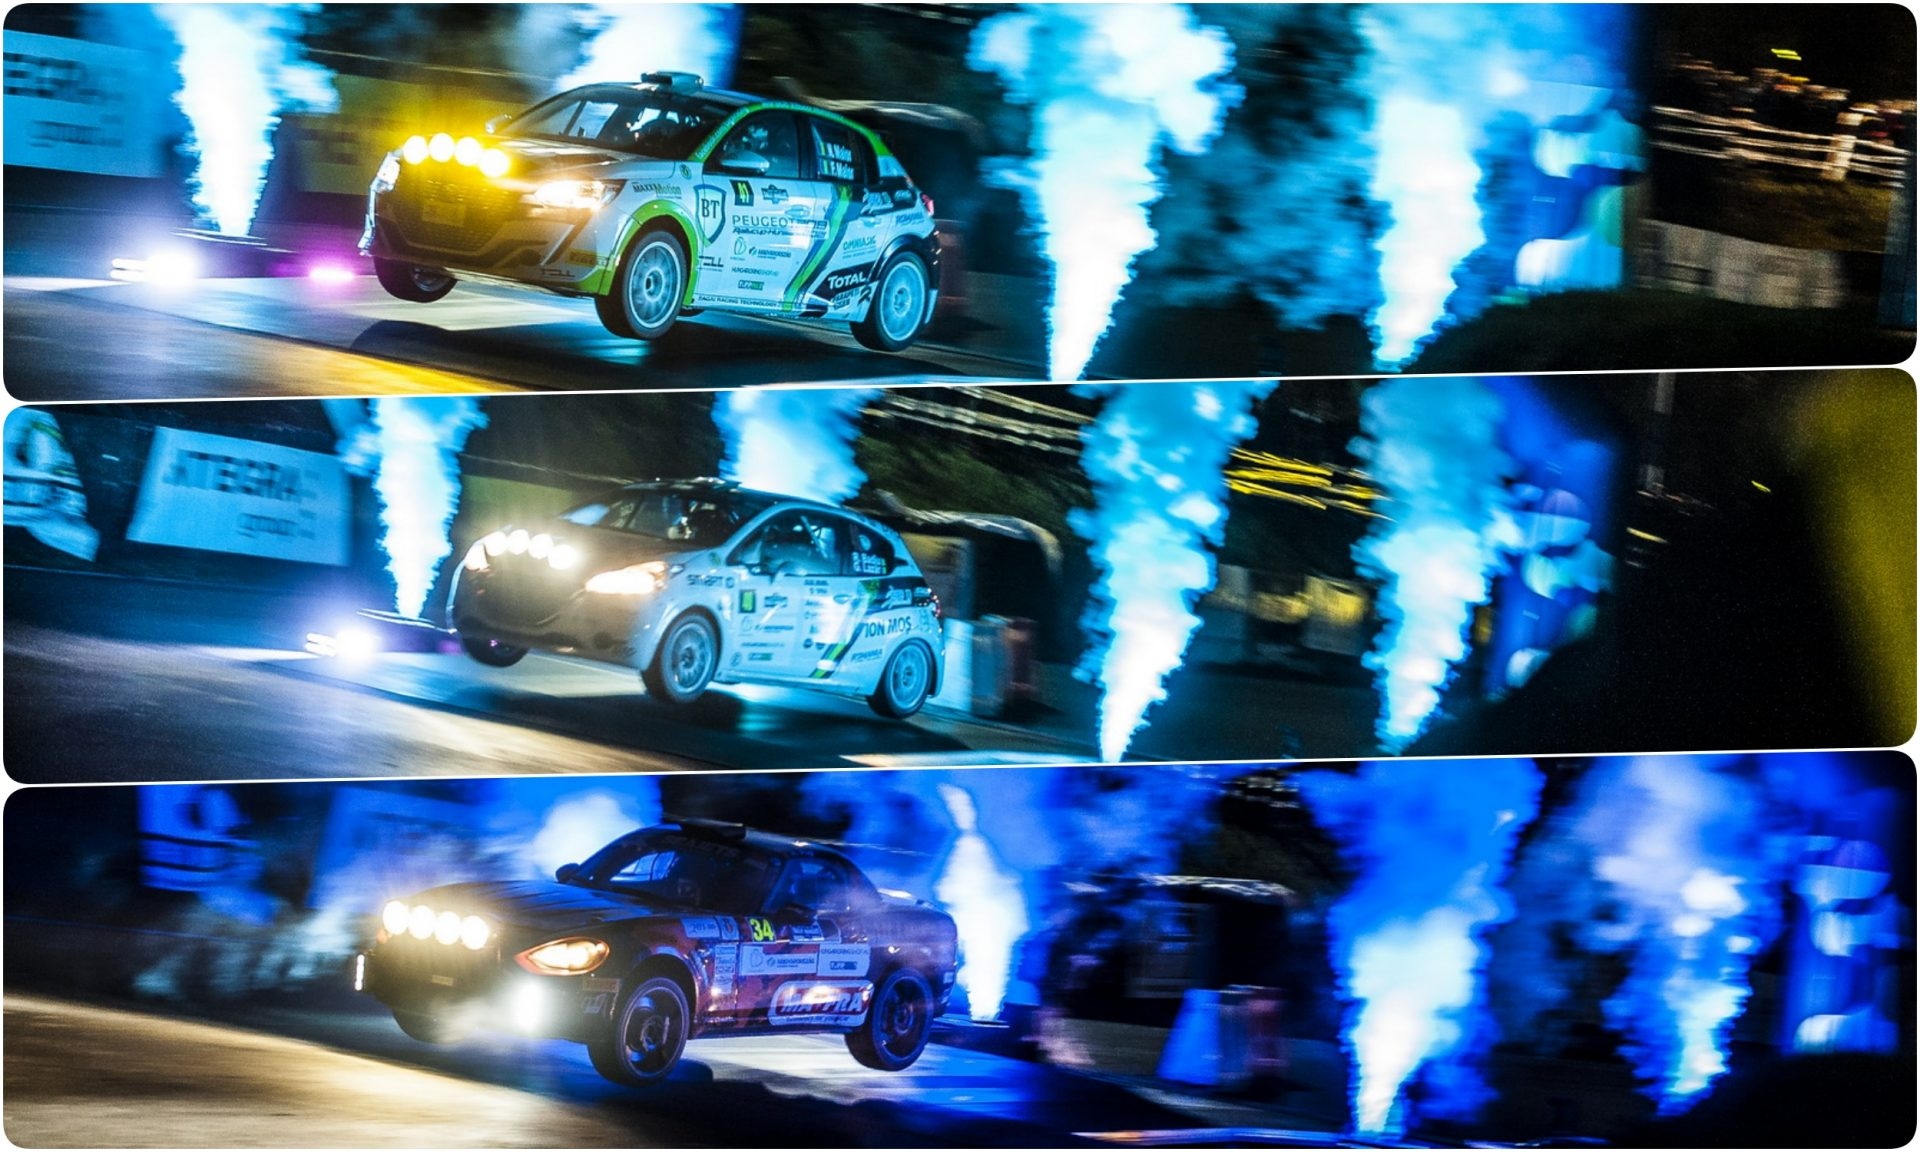 Rezultate bune și ritm promițător în Rally Hungary pentru echipajele române